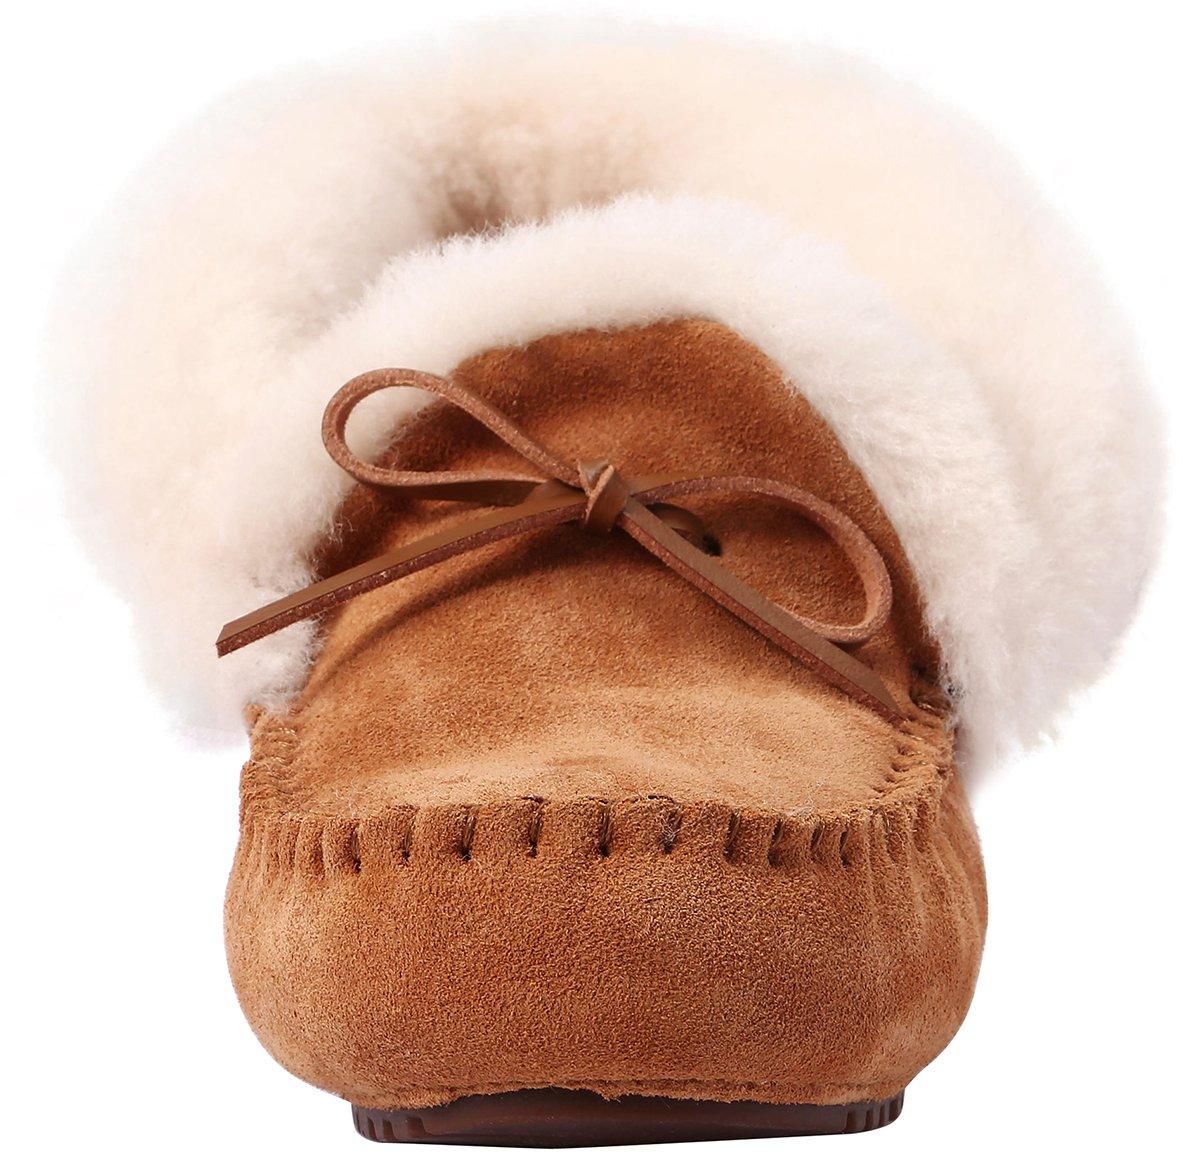 7b694abf191 U-lite Women s Teplý vlněný venkovní kožich U-lite Příležitostná ženy zima  Ploché vnitřní a venkovní Loafer